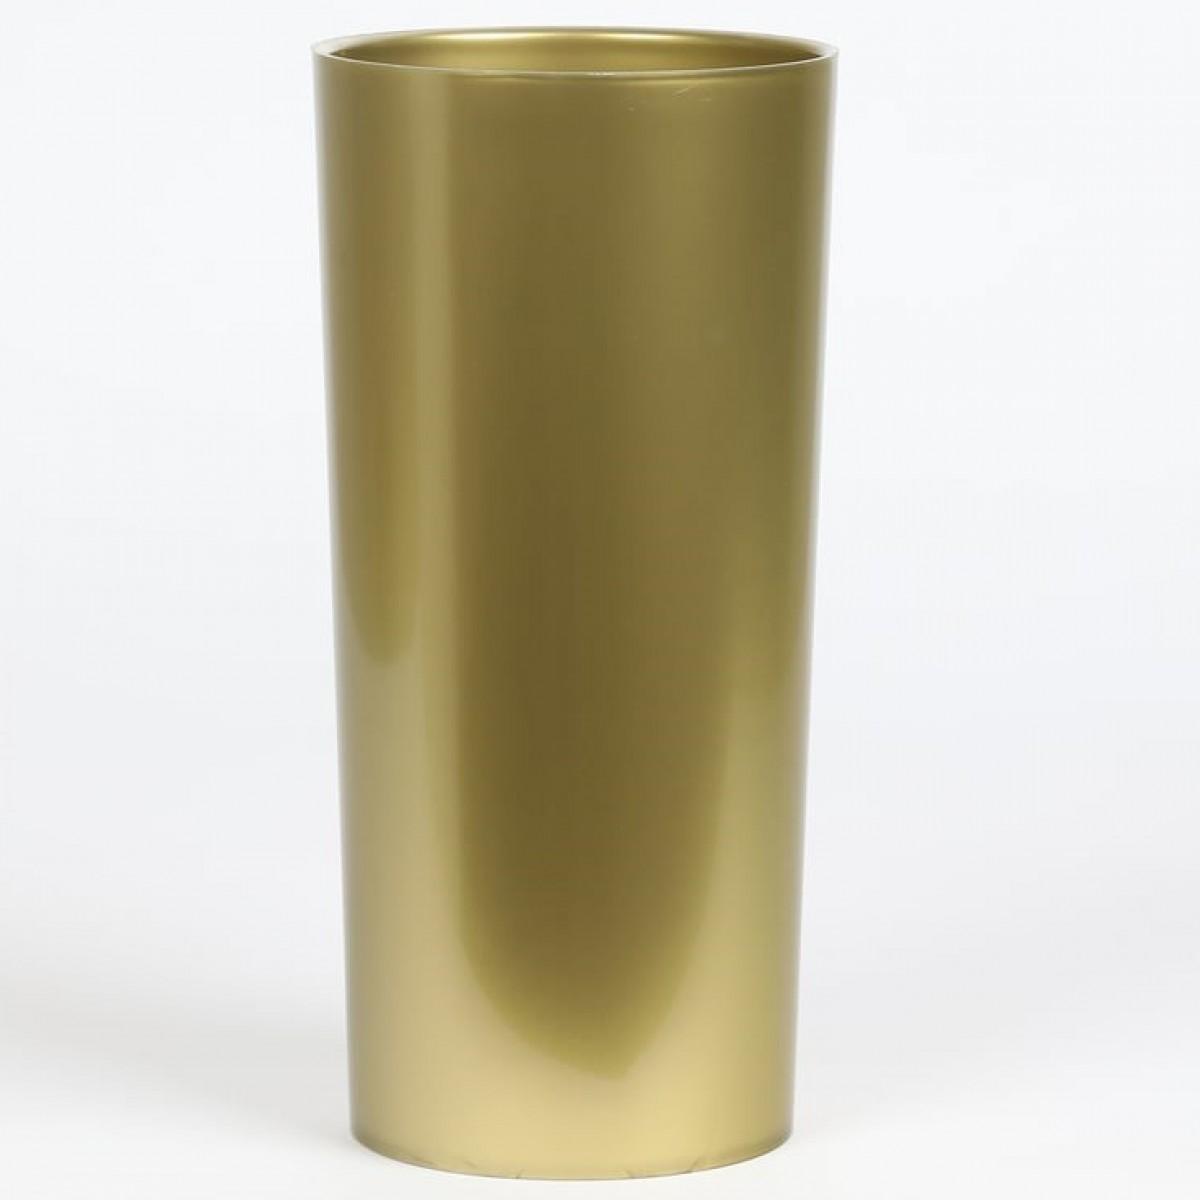 Cylinder Gold 12x25cm Acrylic Vase - 1 No